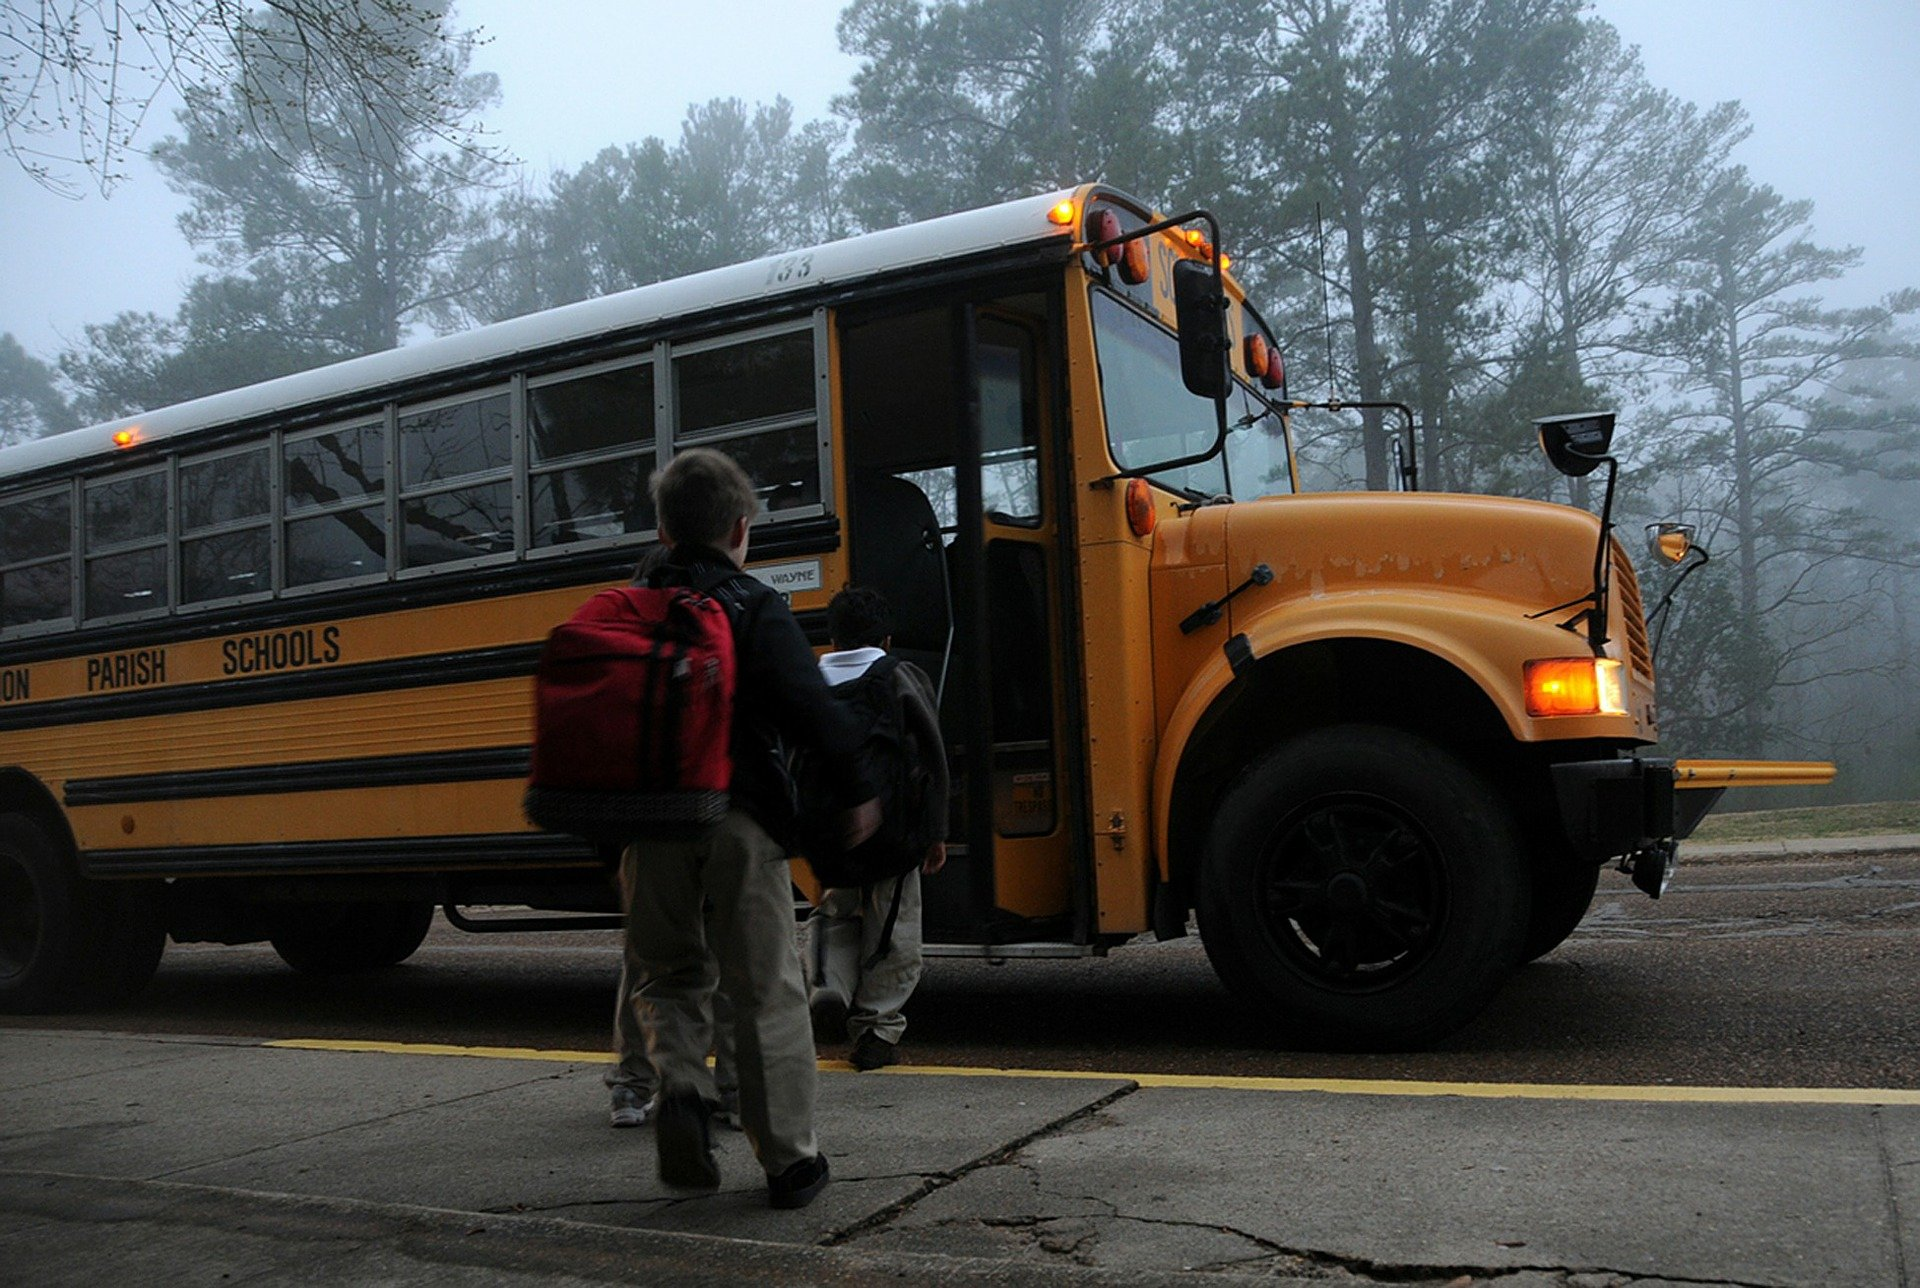 Kinder steigen in Schulbus | Quelle: Pixabay